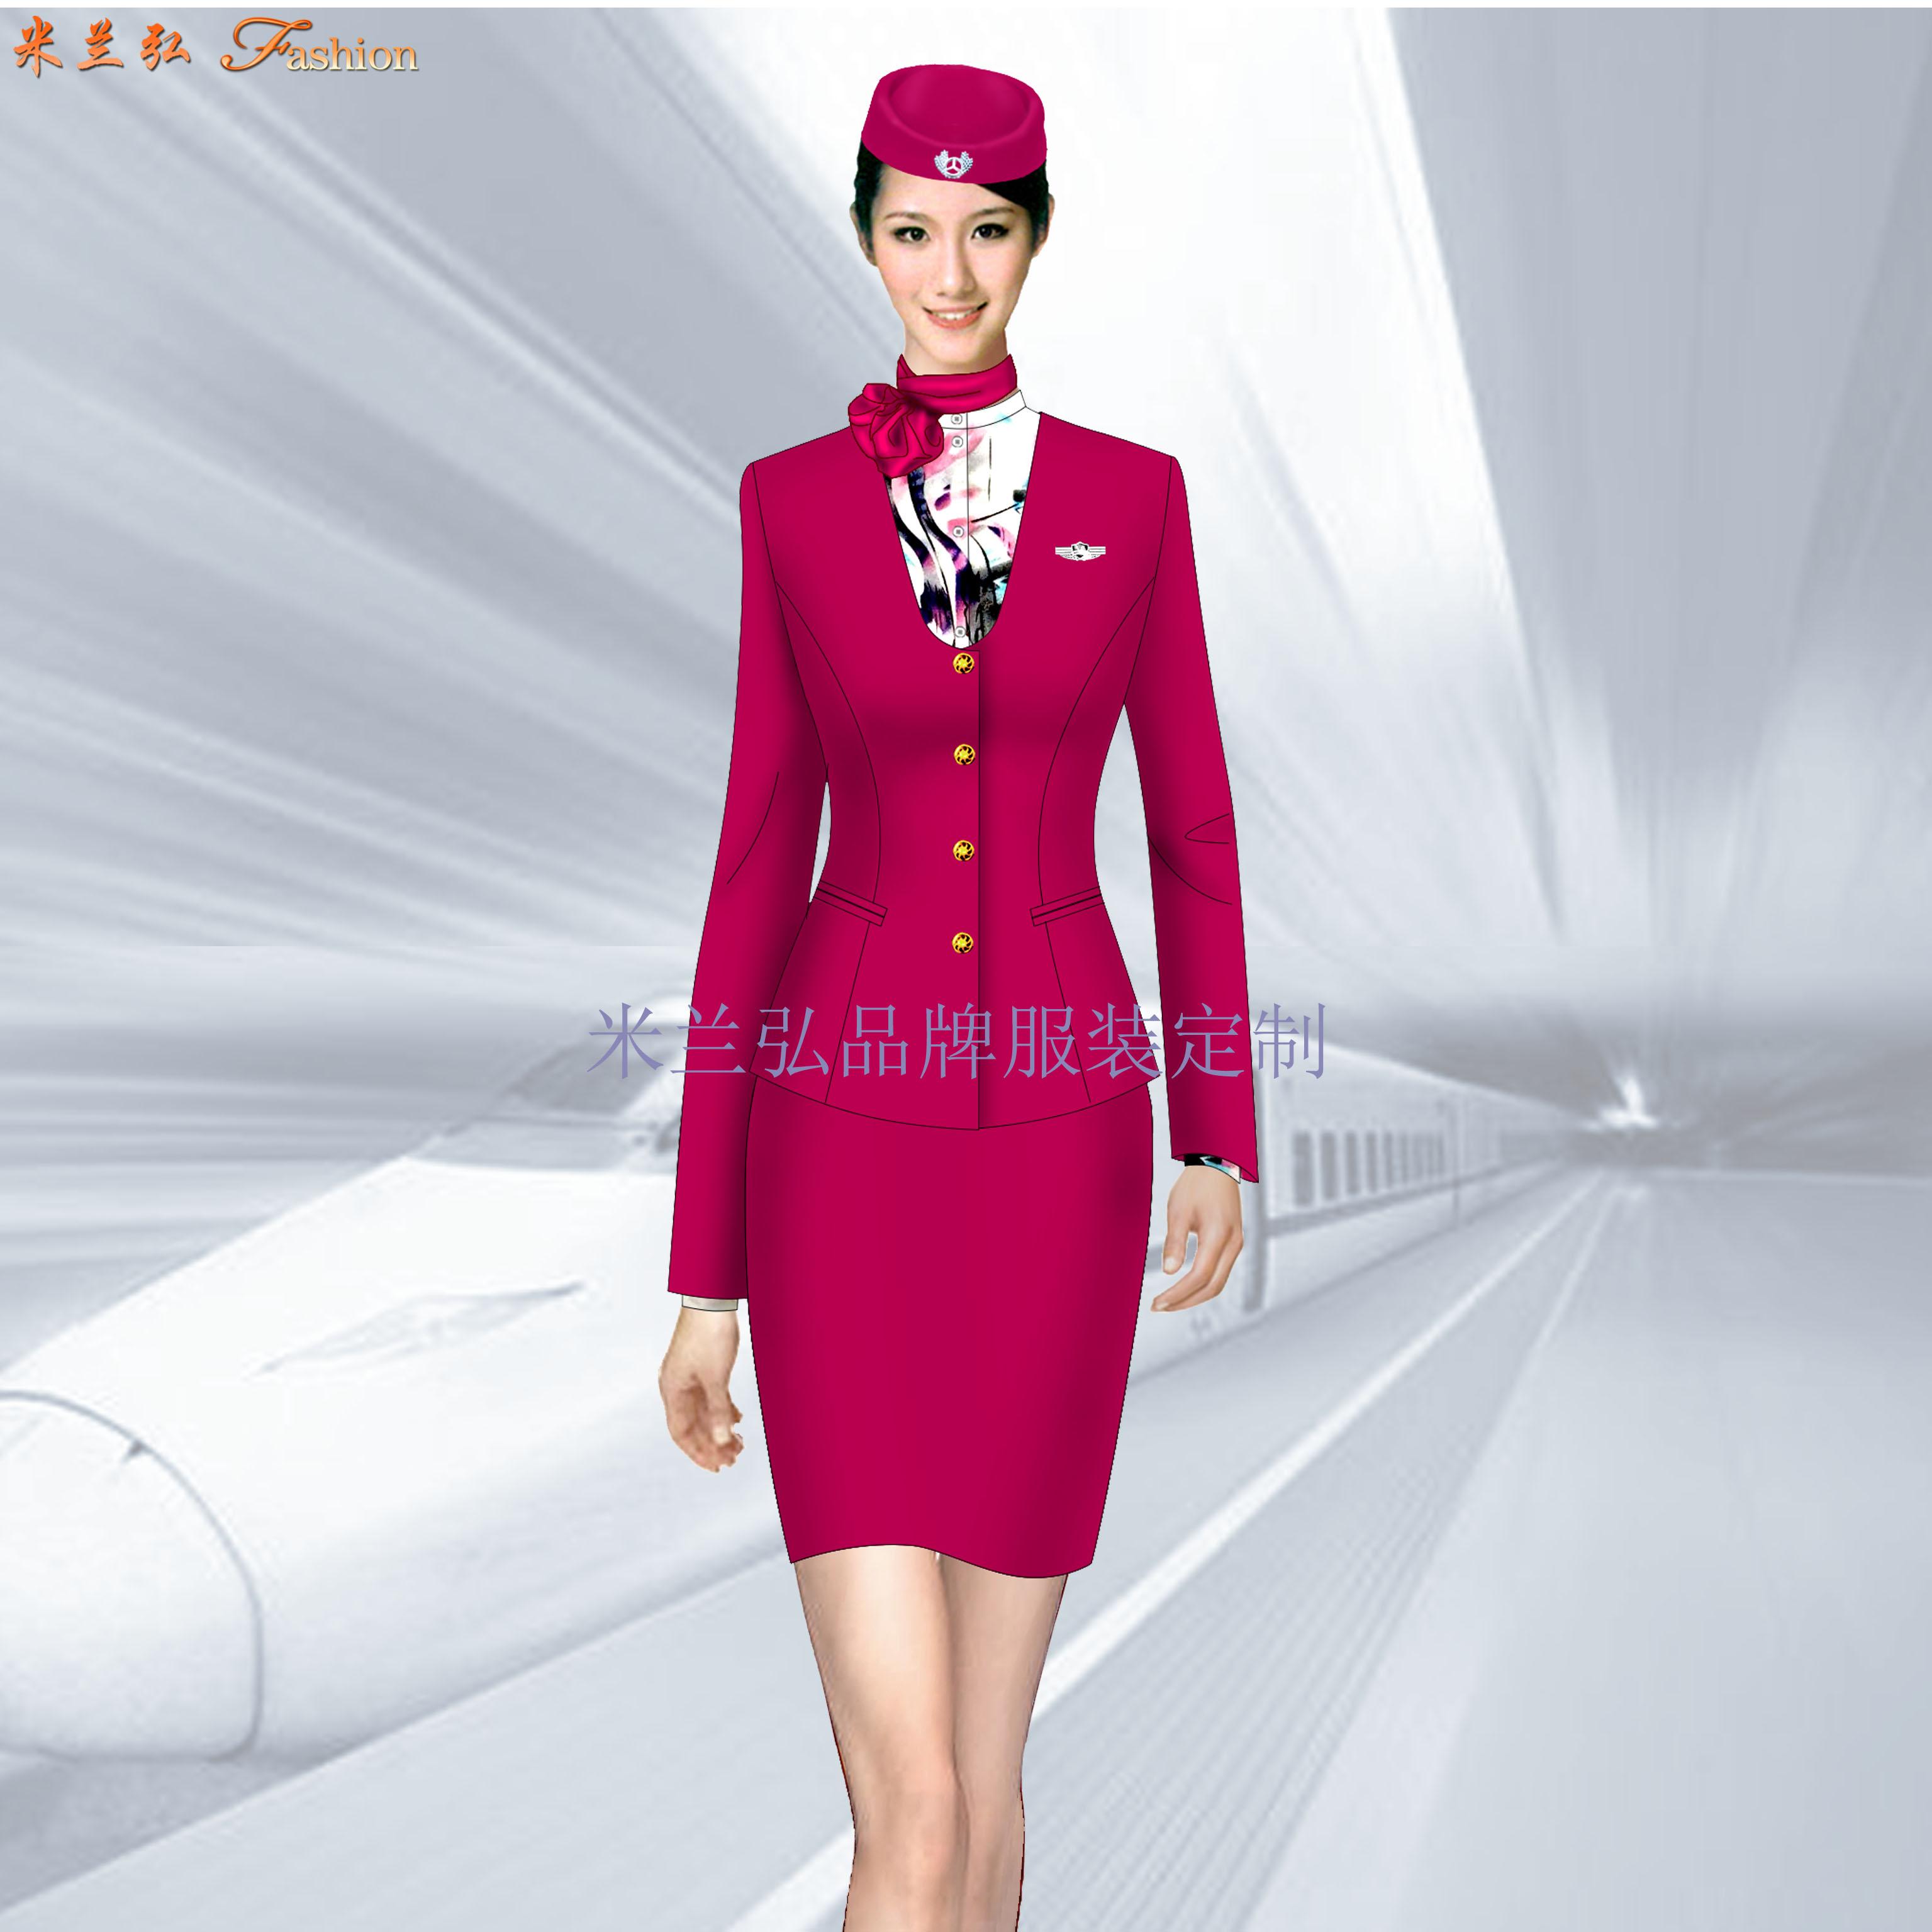 天津地鐵工作服定做_天津地鐵職業裝制服-米蘭弘服裝廠家-3